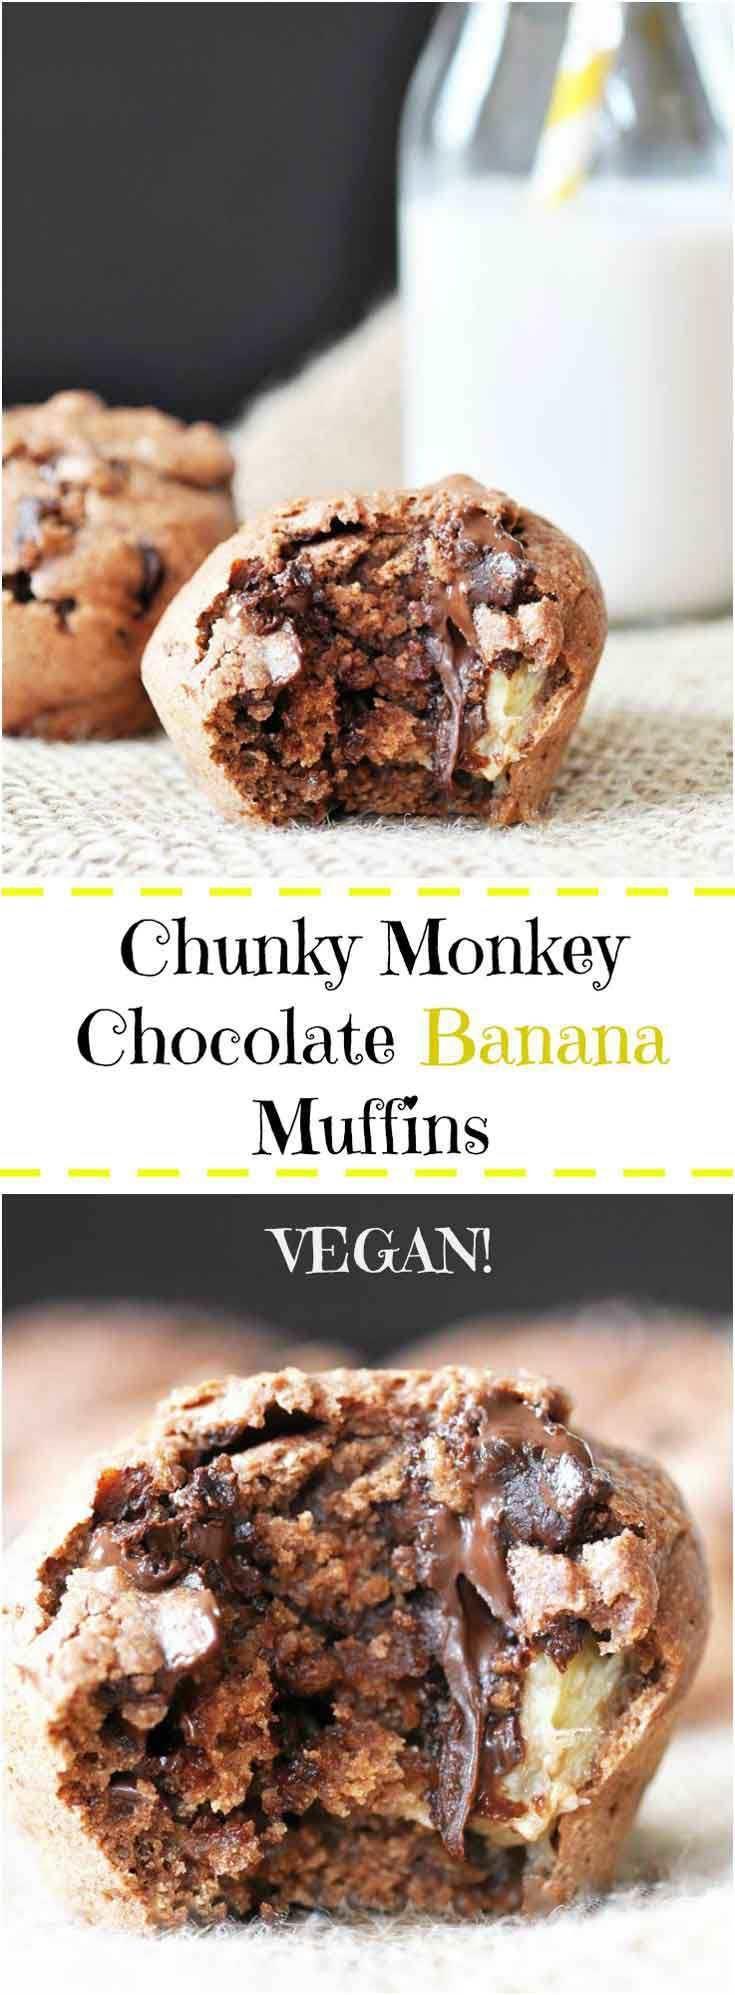 Vegan Chunky Monkey Chocolate Banana Muffins - The very best muffin combo, chocolate, peanut butter, and banana. | Veganosity